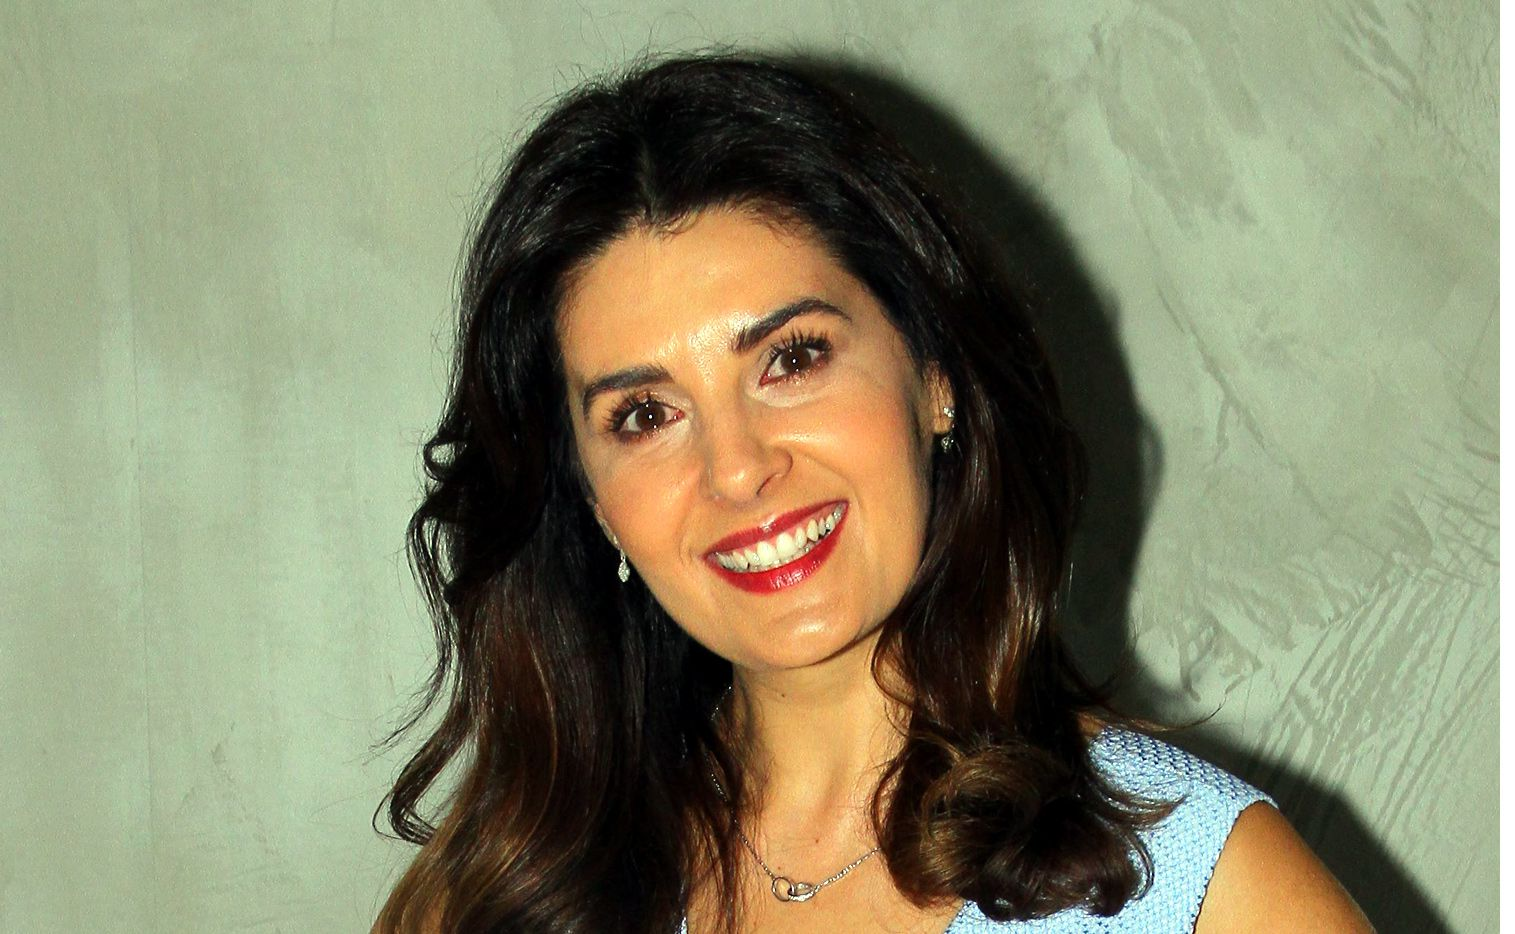 La actriz Mayrín Villanueva está casada con el actor Eduardo Santamarina./AGENCIA REFORMA